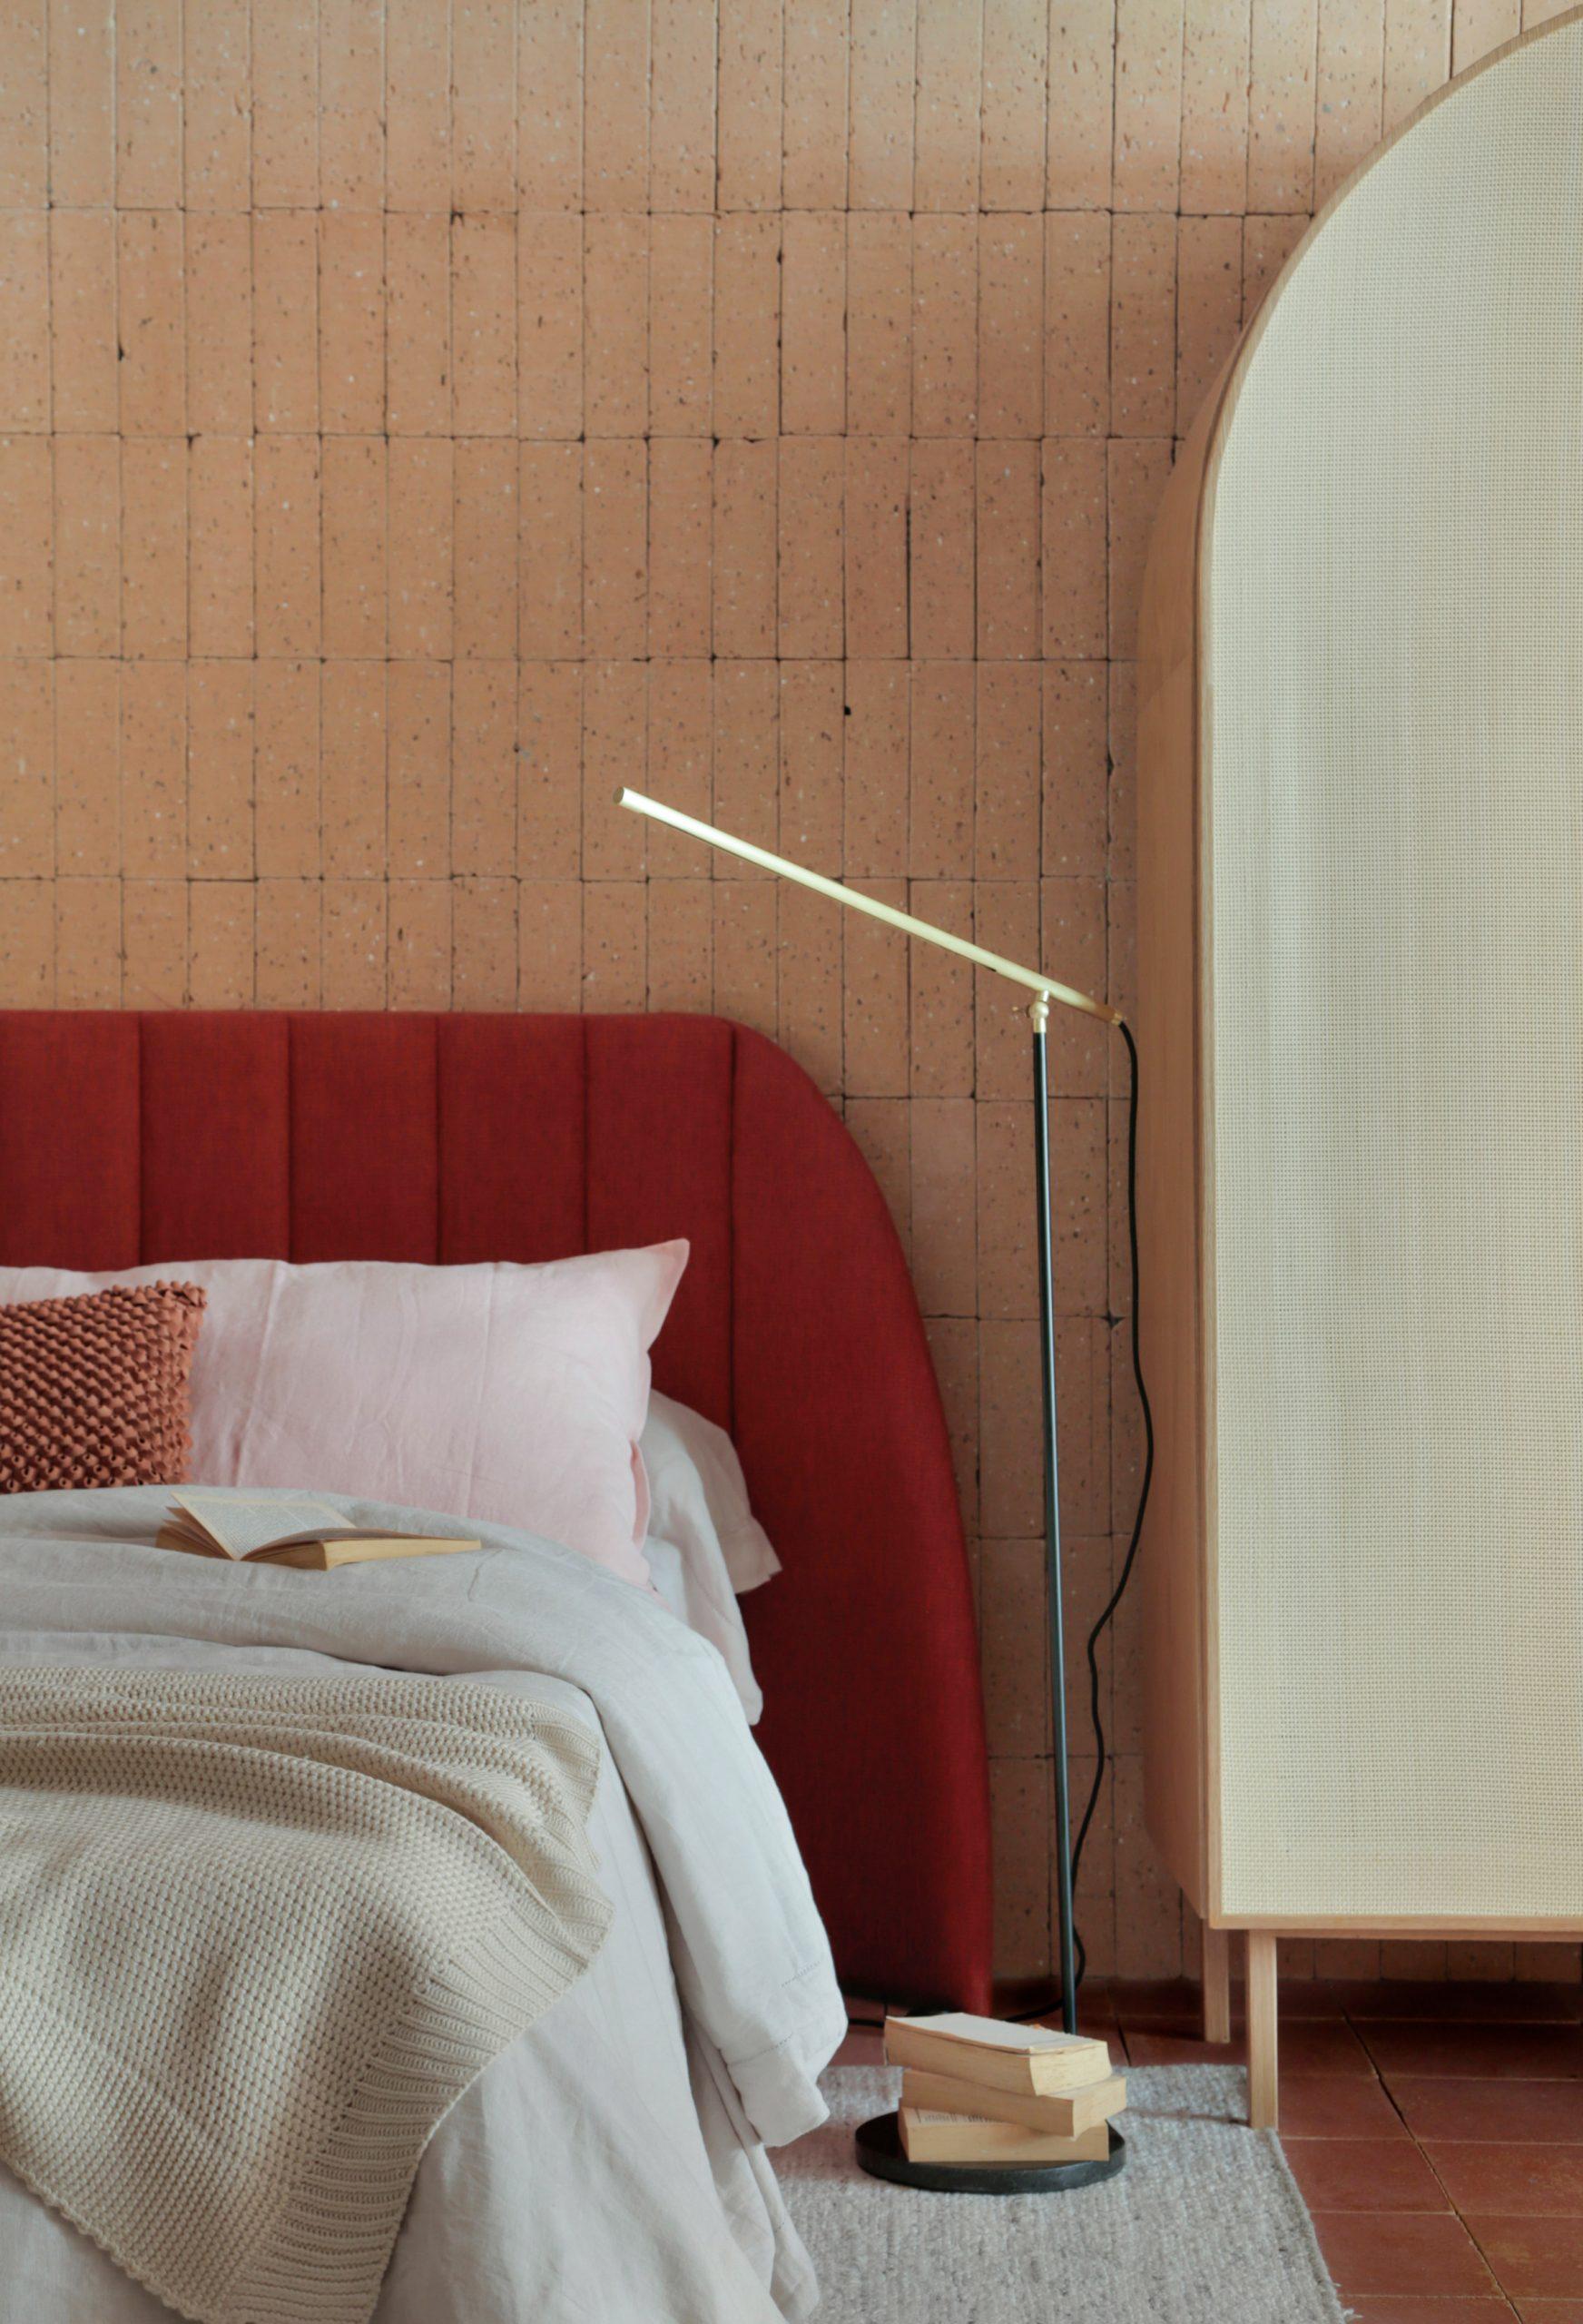 Thiết kế nội thất căn hộ 56m2 2 phòng ngủ 10